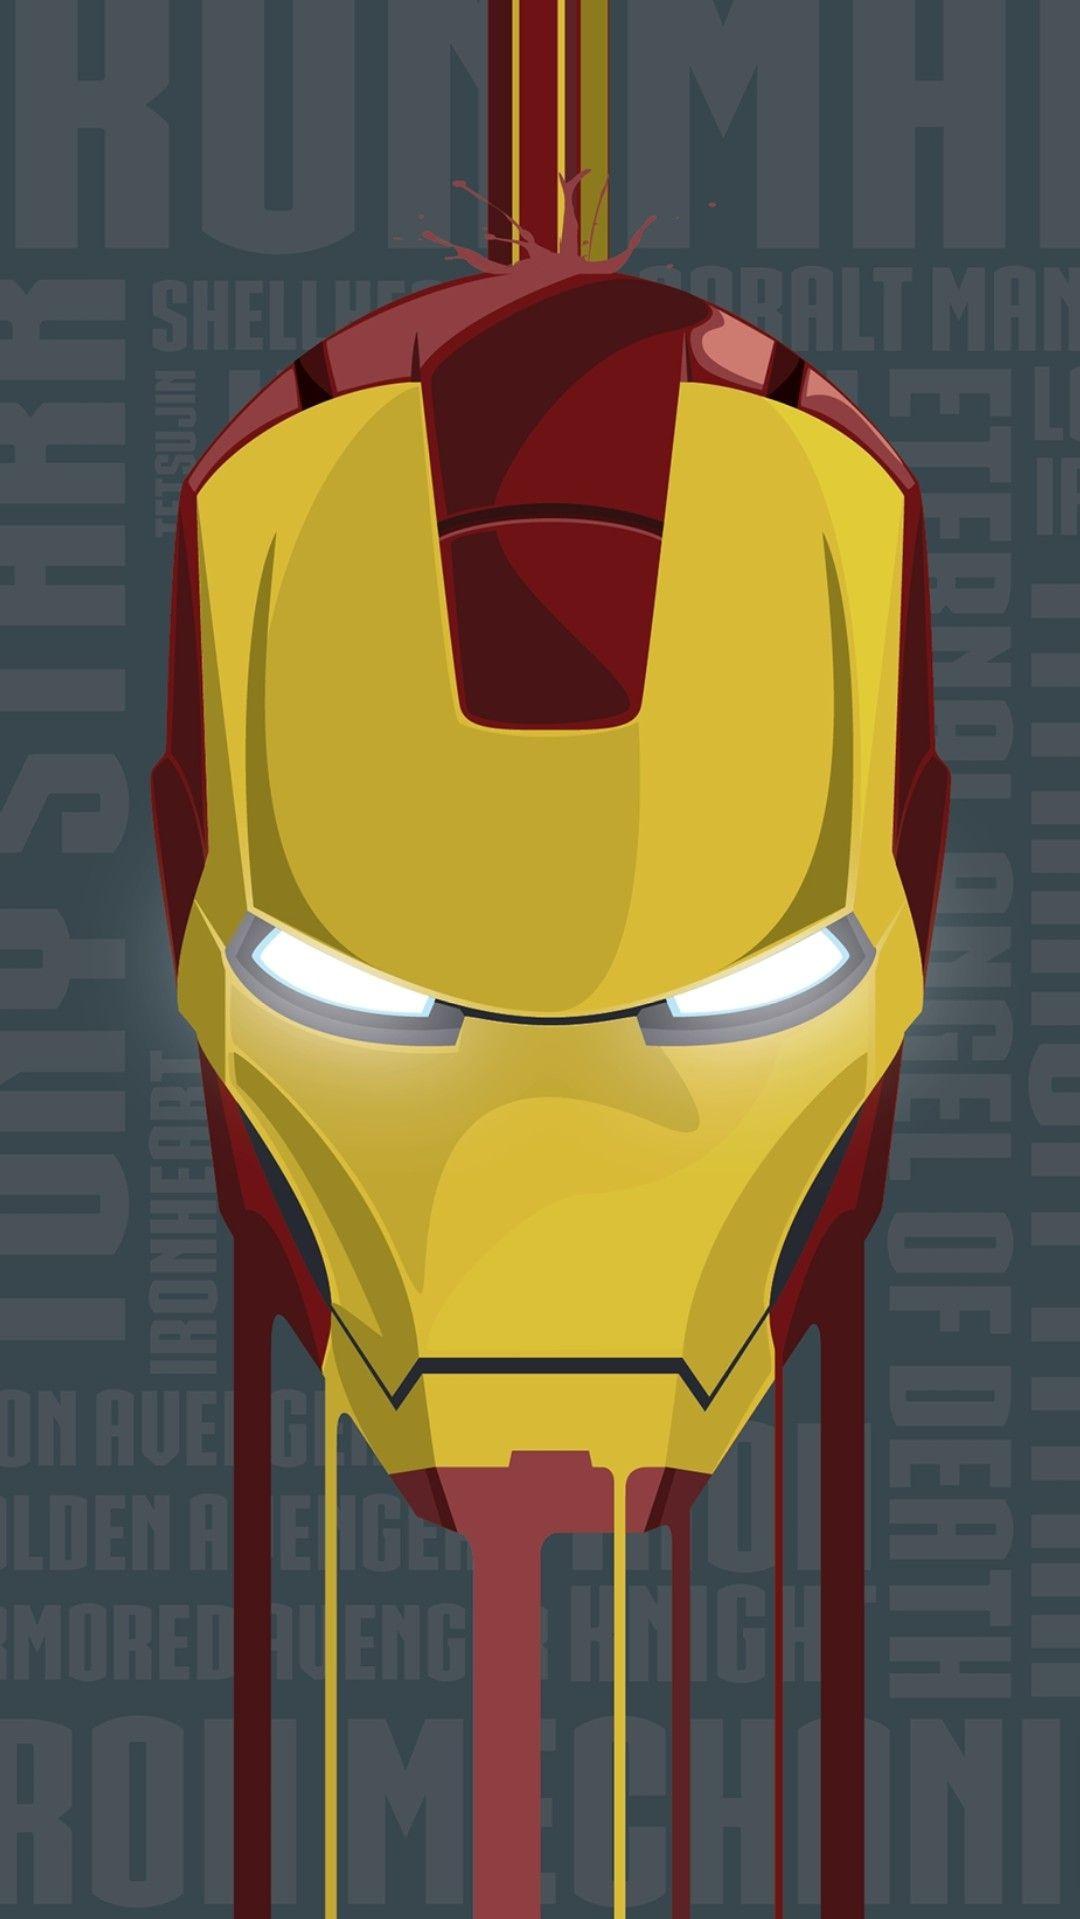 Iron Man Face Armour Suit iPhone Wallpaper iphoneswallpapers com